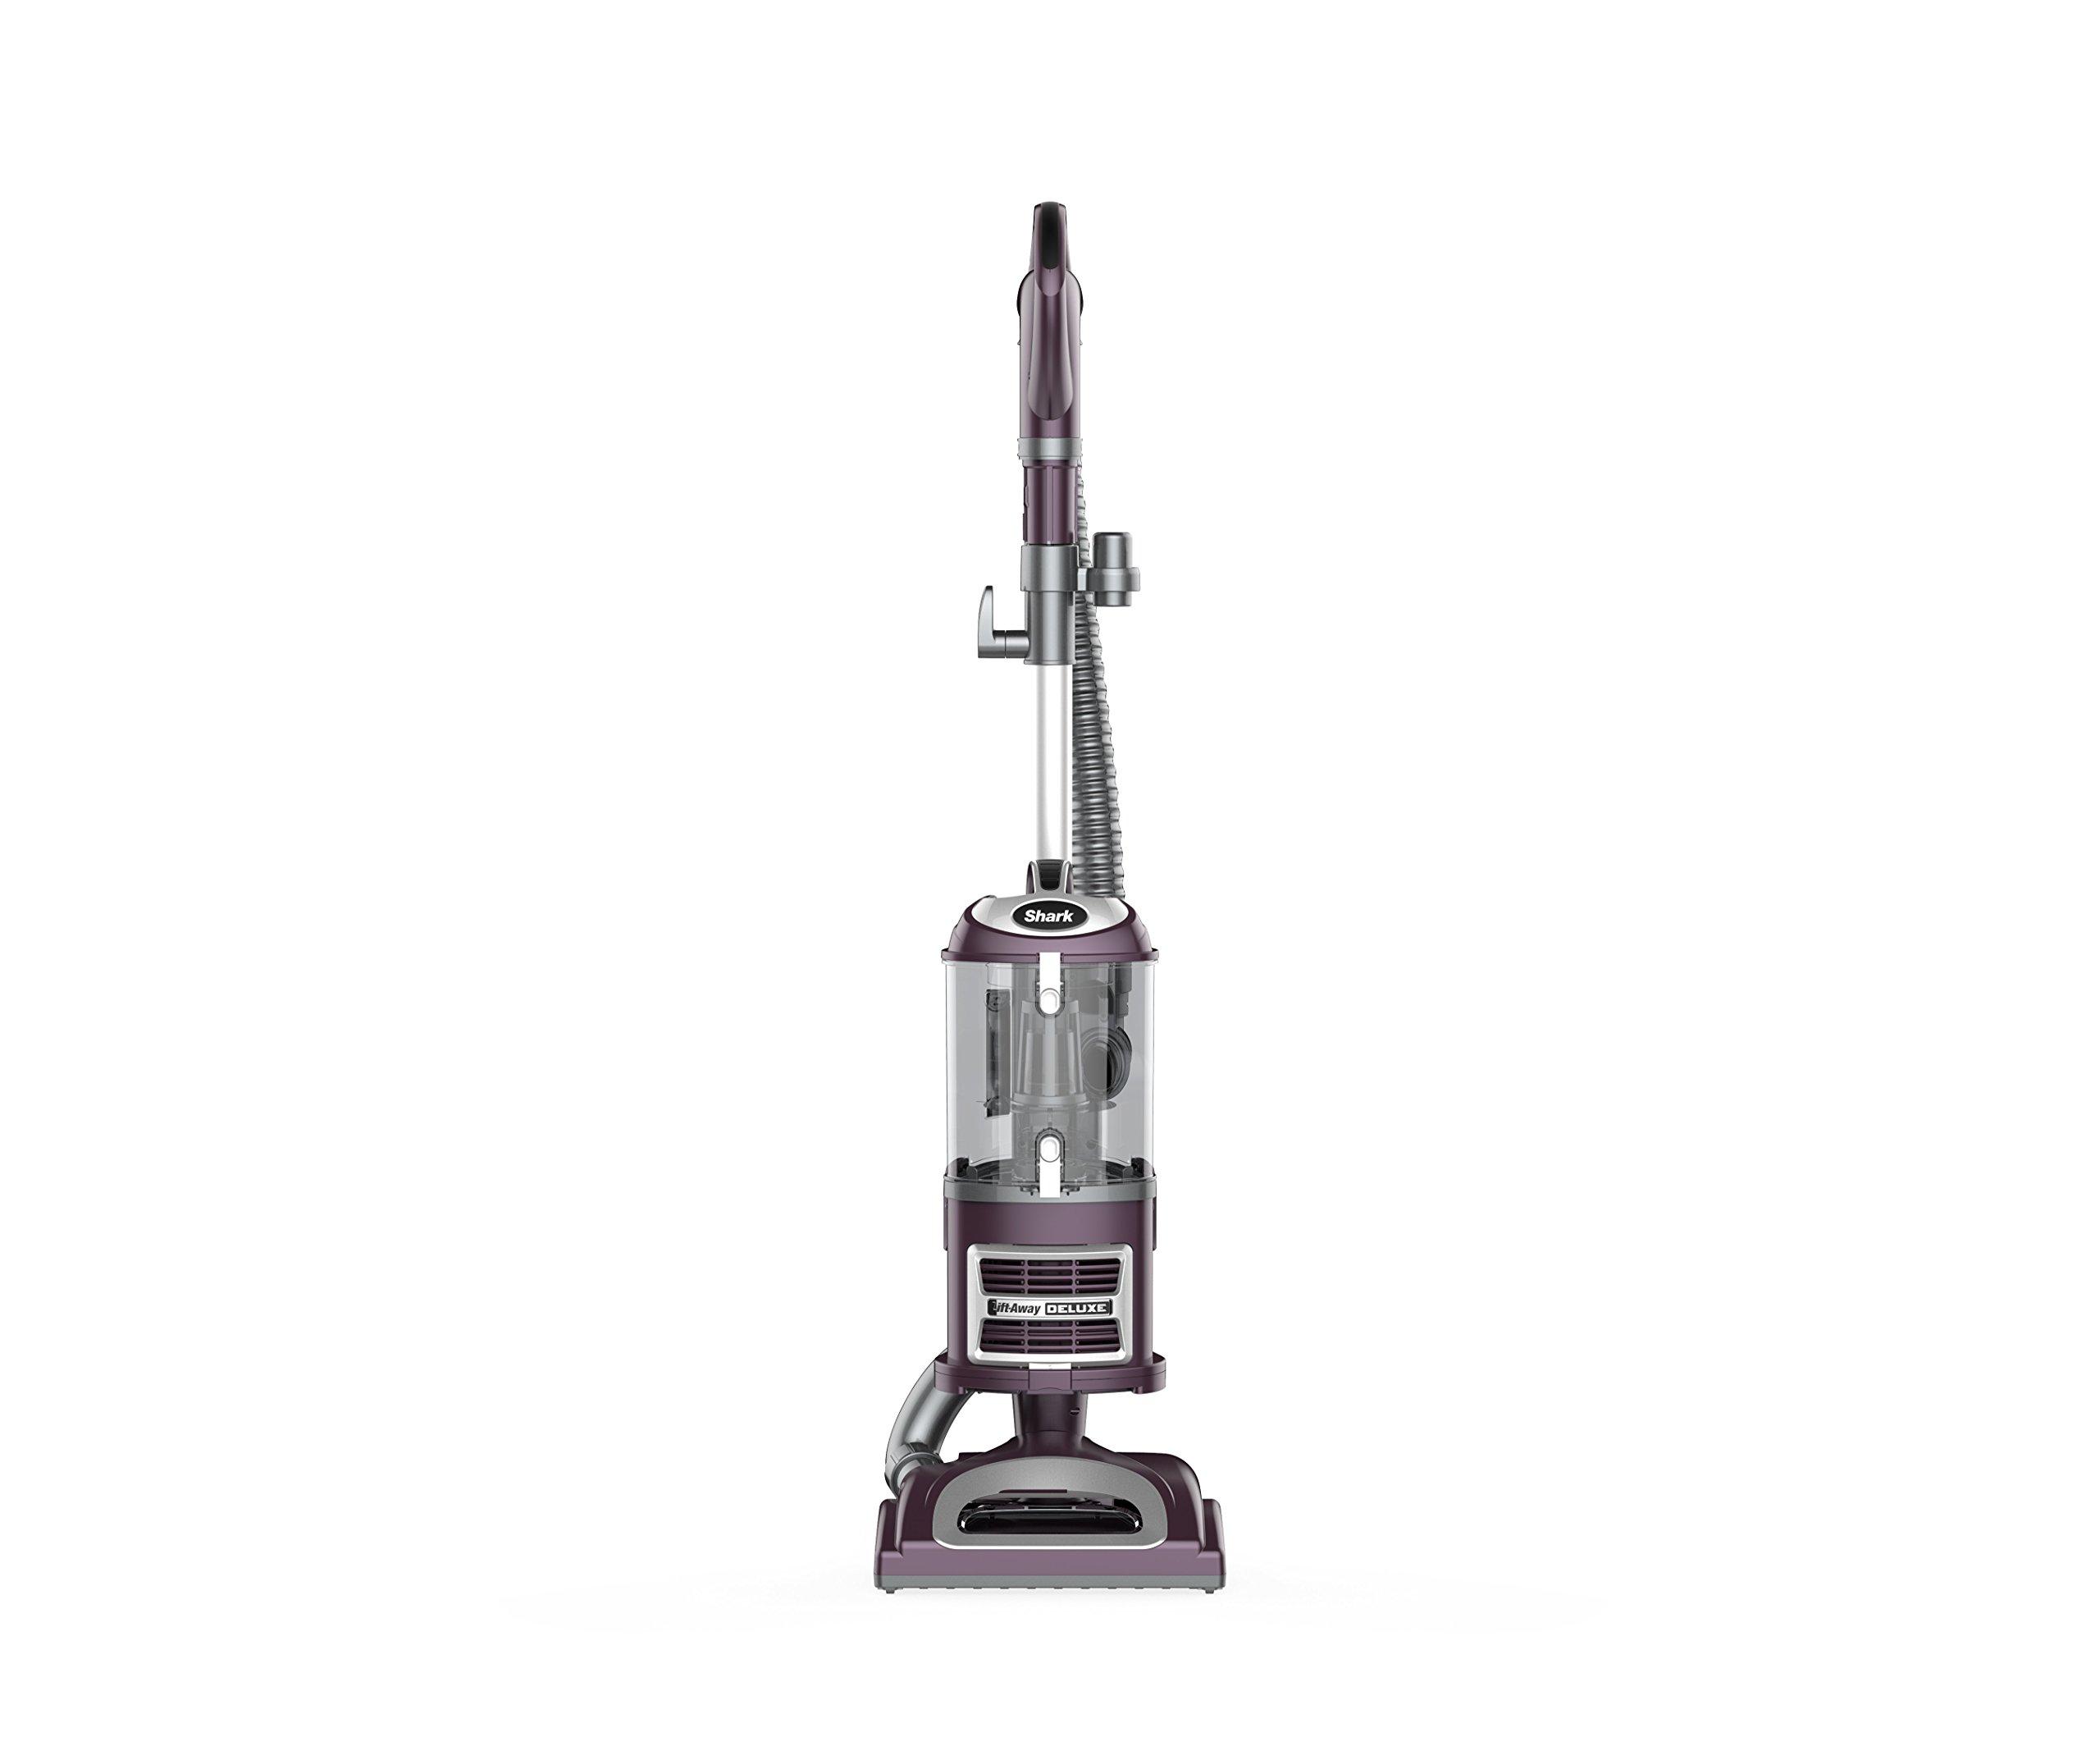 Shark Navigator Lift-Away Deluxe Upright Vacuum, Purple (NV361PR) by SharkNinja